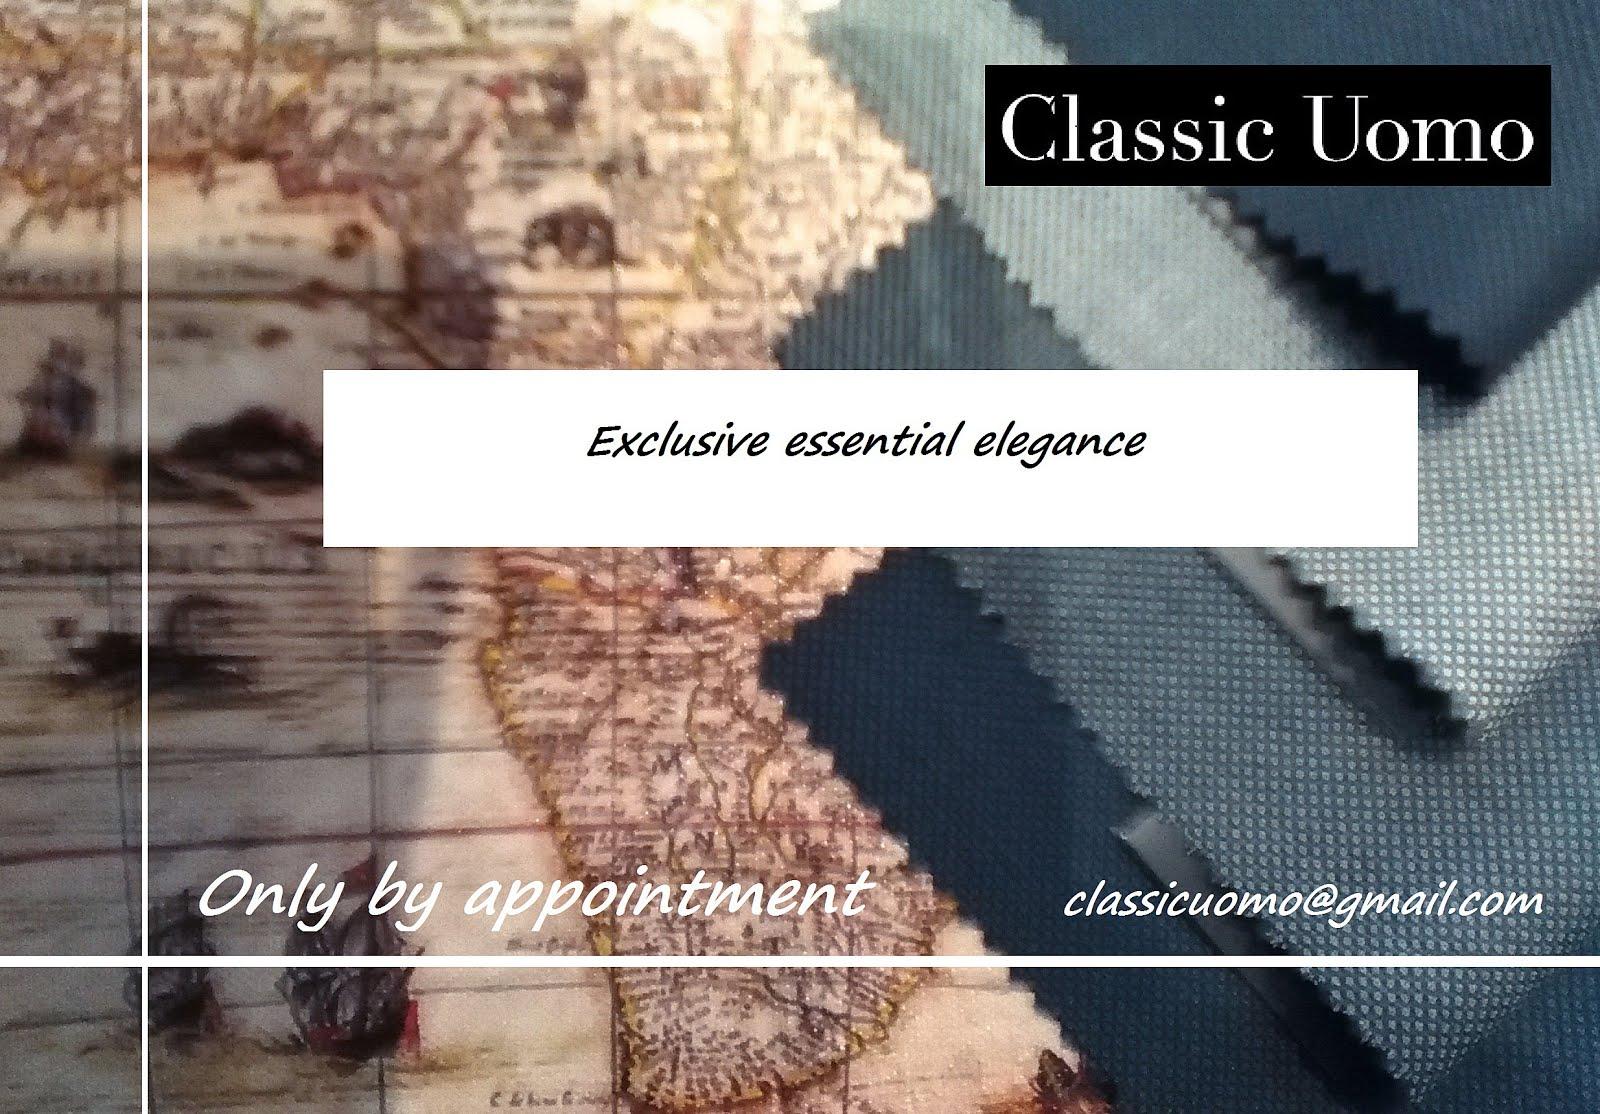 CLASSIC UOMO